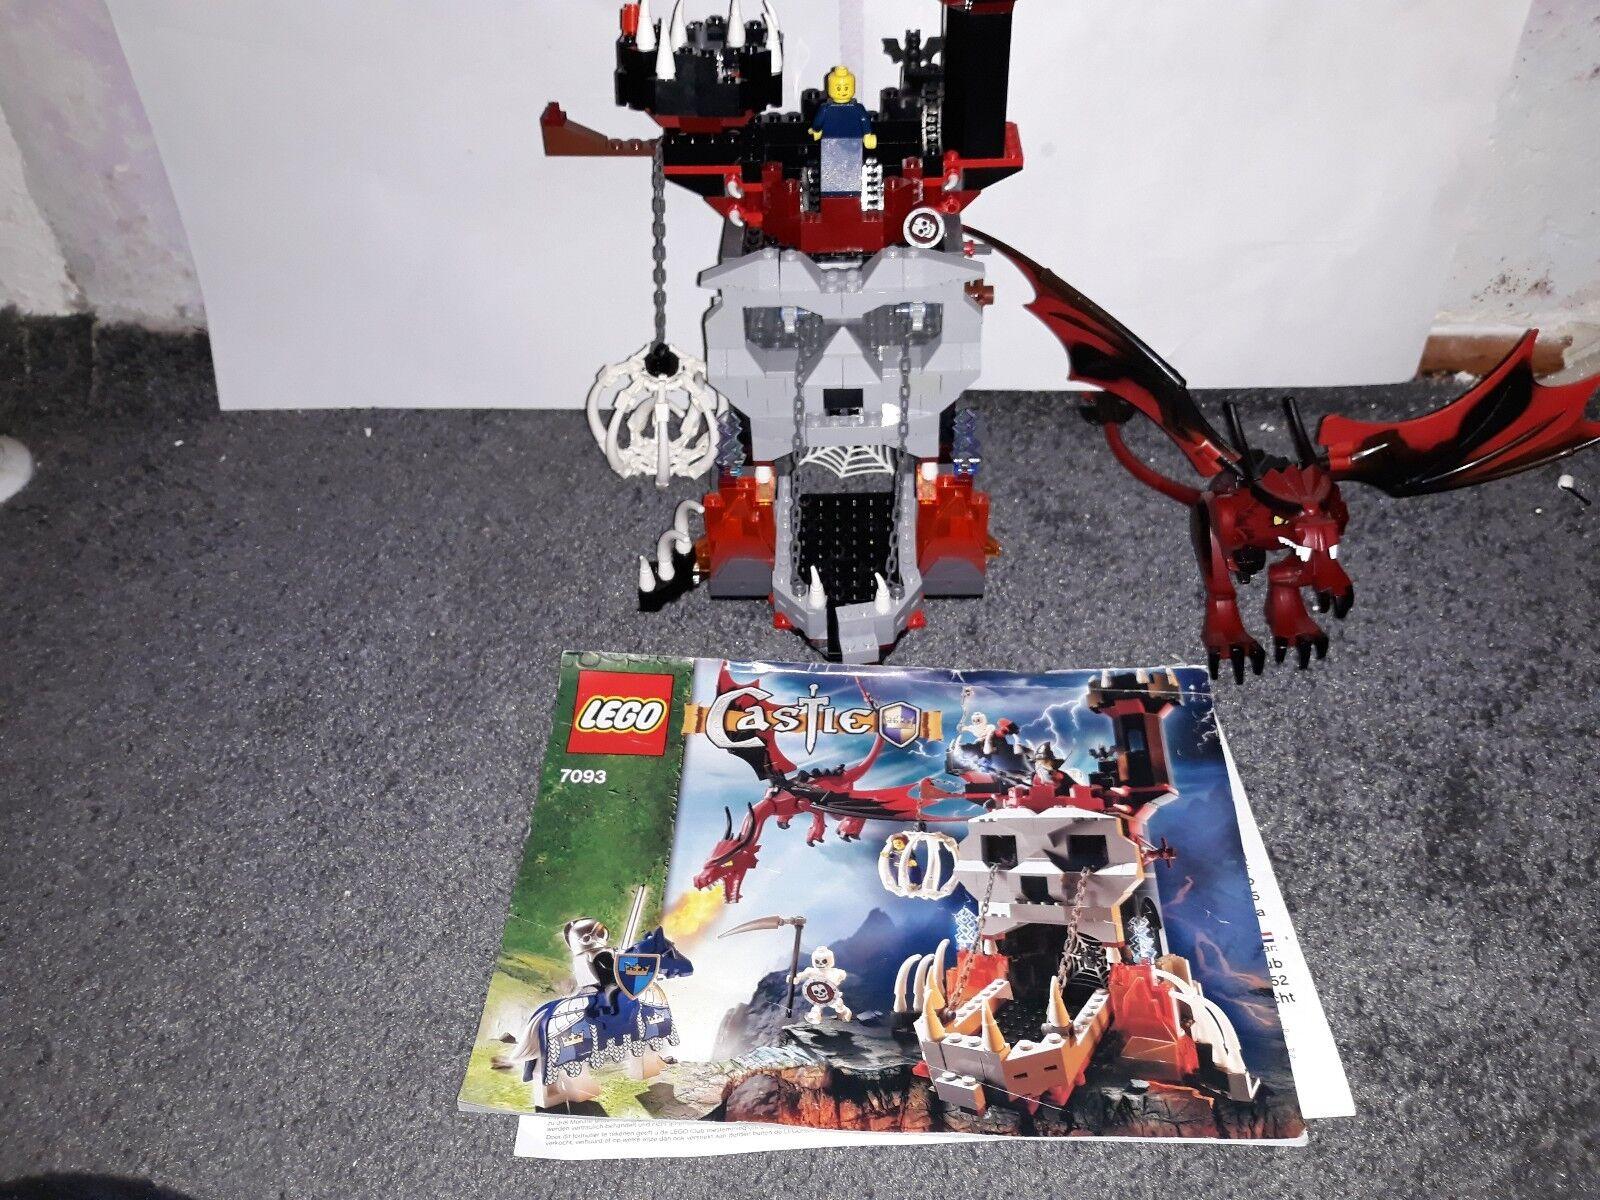 LEGO 7093 7093 7093 Turm des bösen Magiers Castle Ritter 197d8d